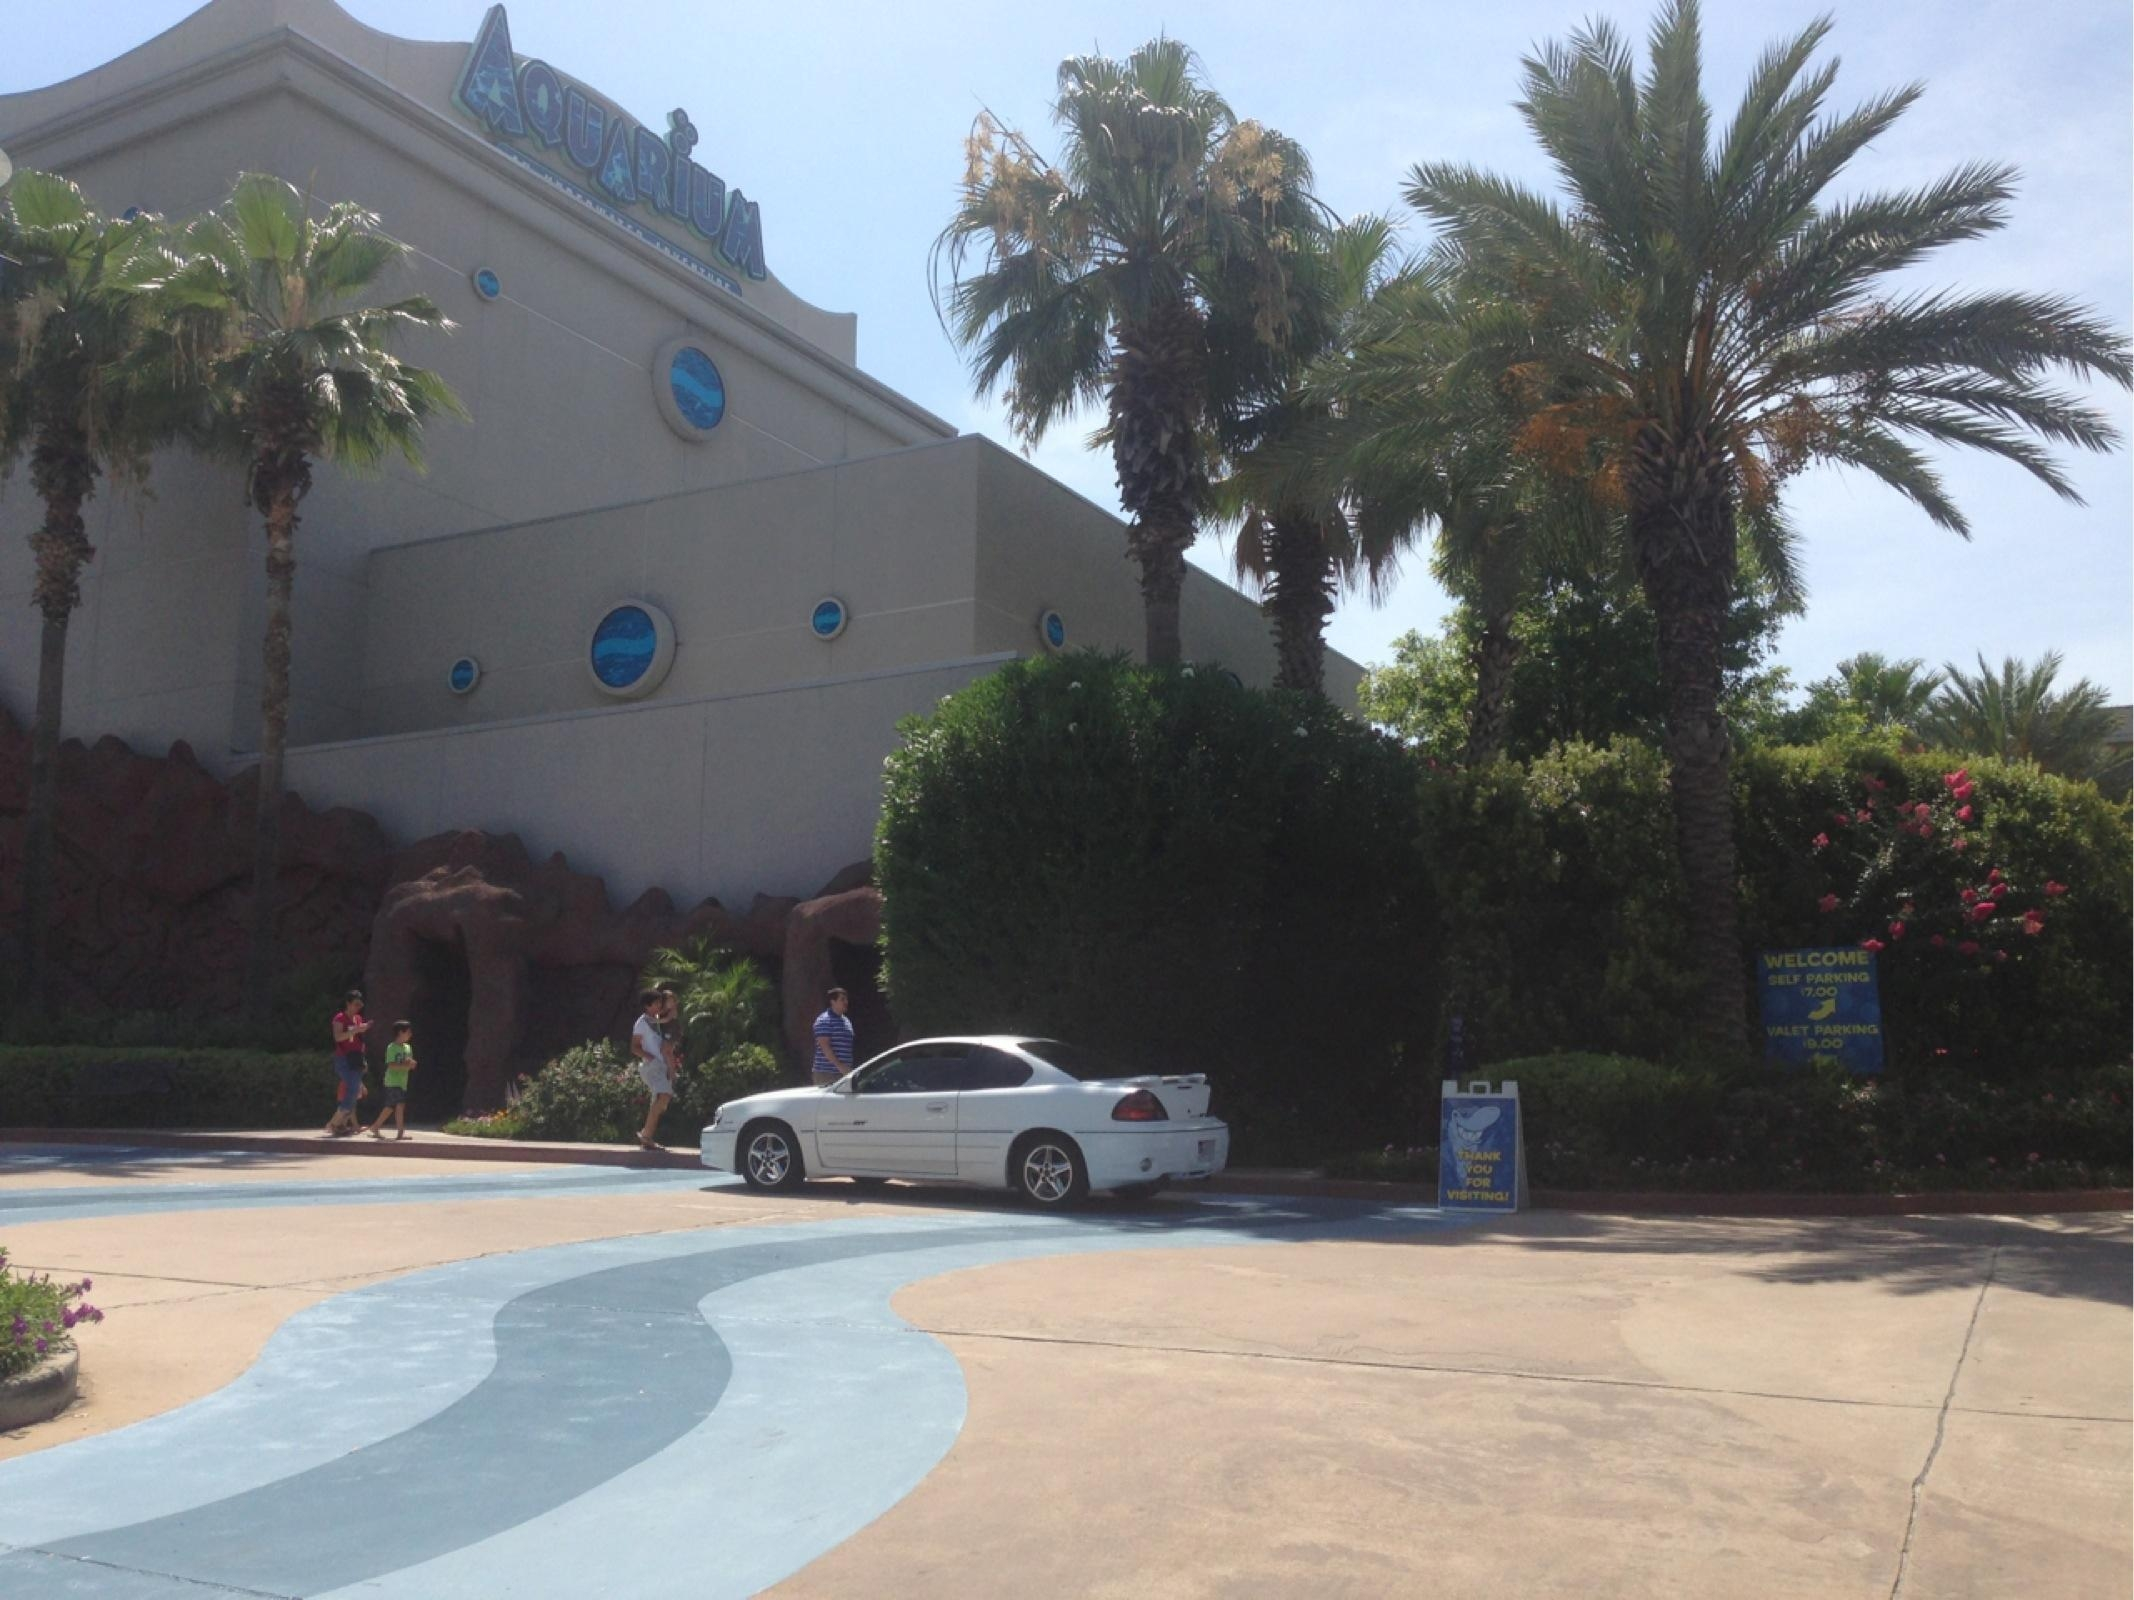 Downtown Aquarium Valet Lot Parking In Houston Parkme